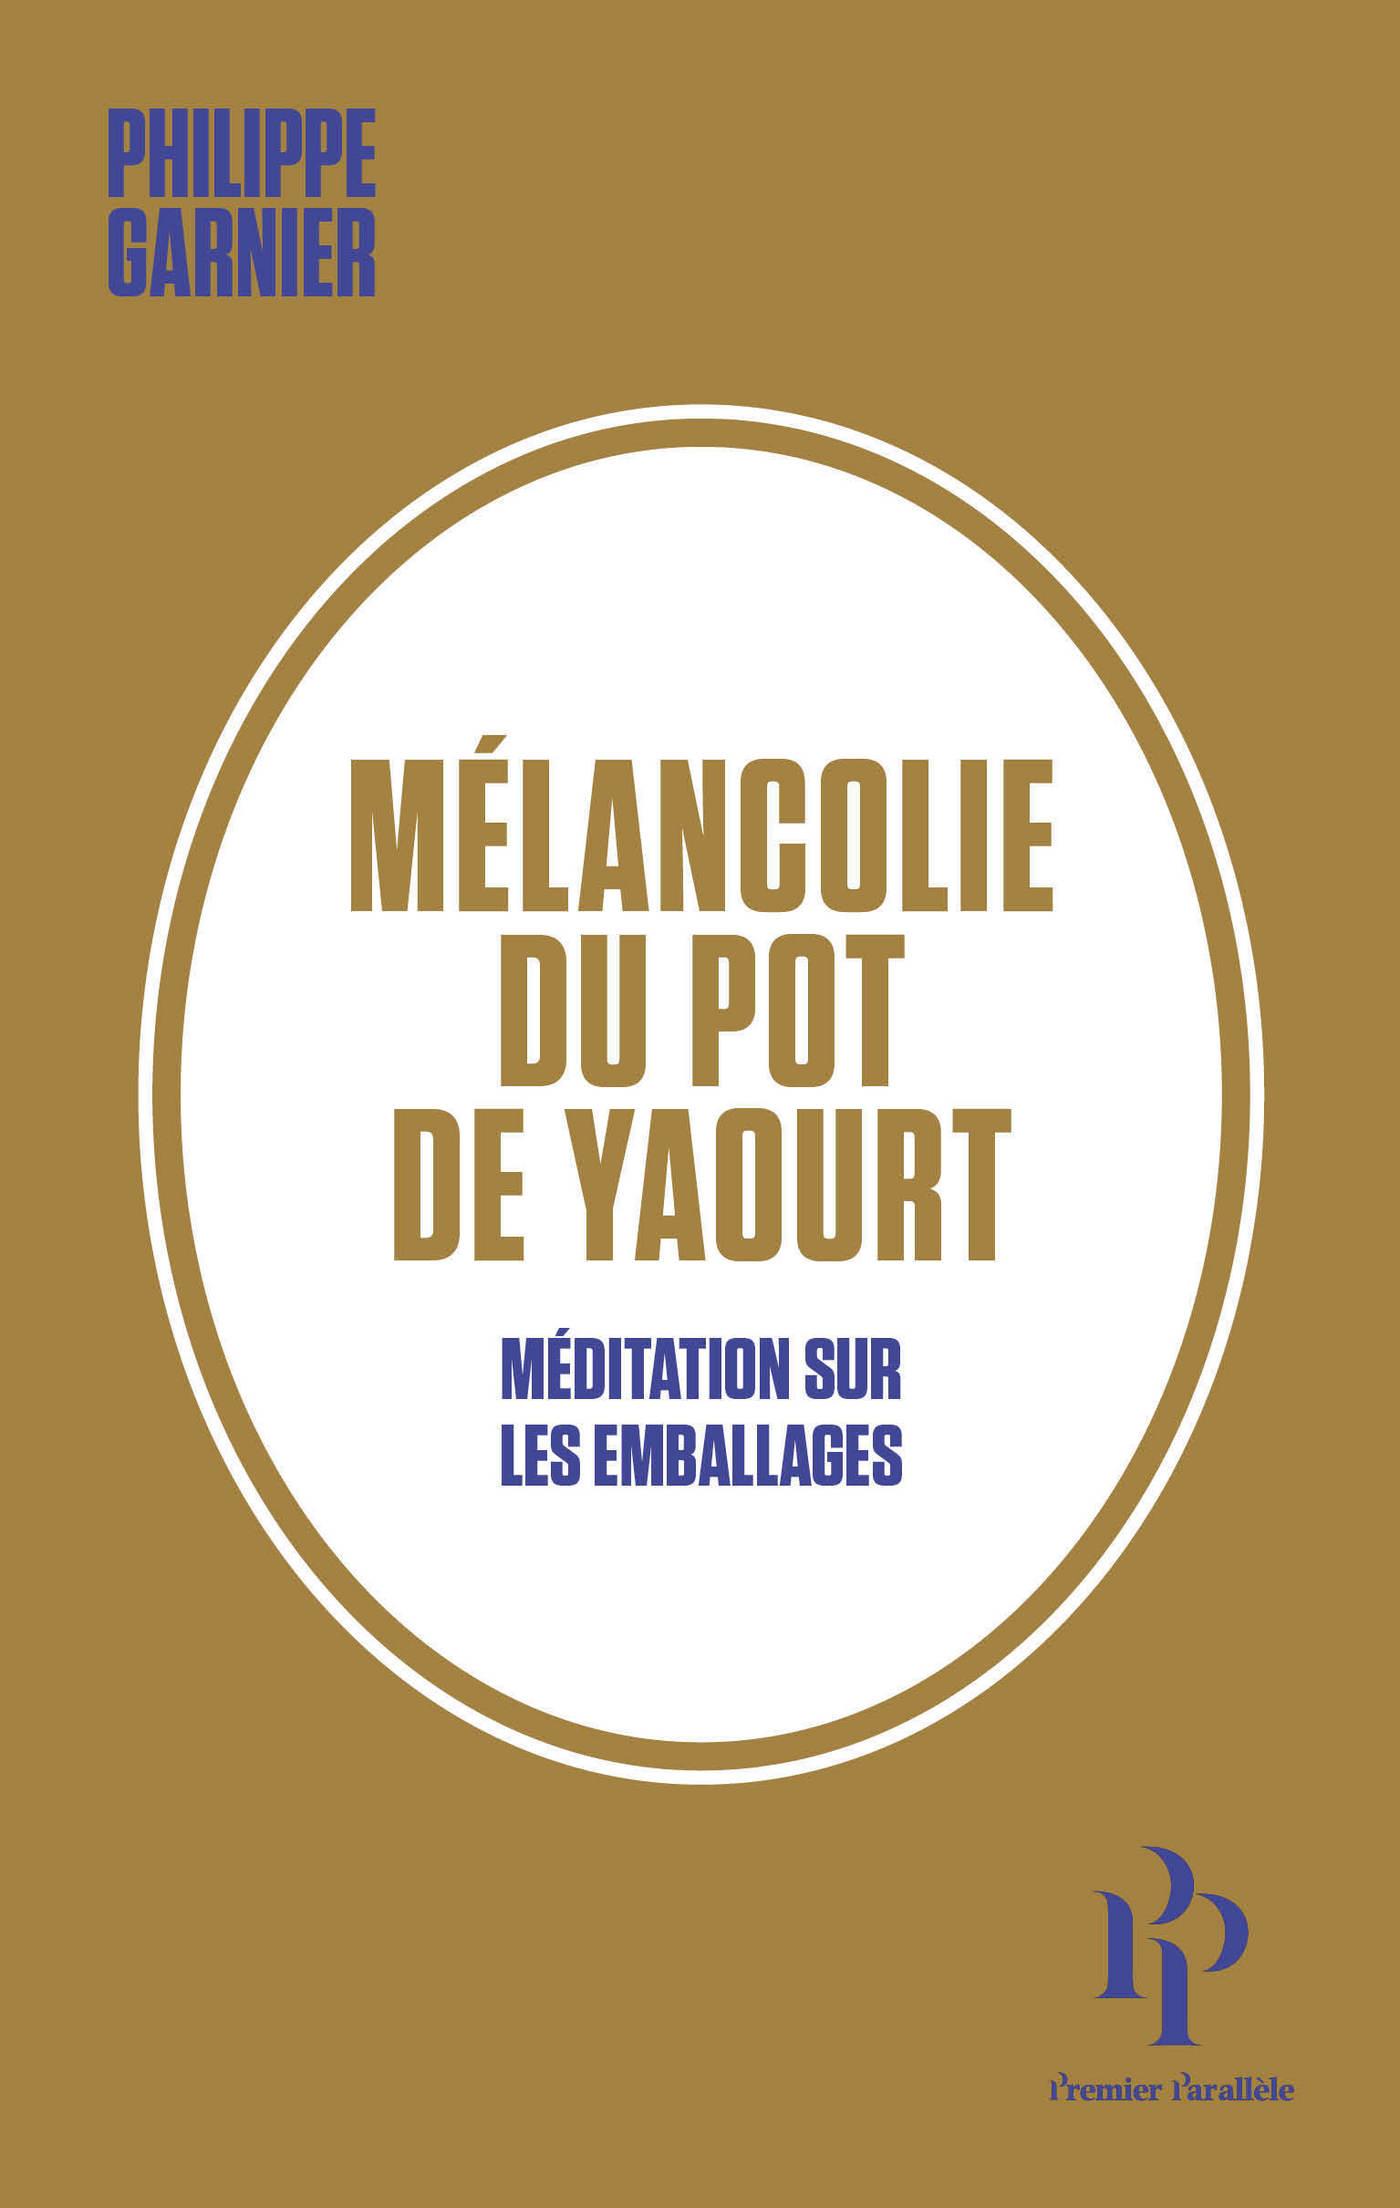 Mélancolie du pot de yaourt - Méditation sur les emballages